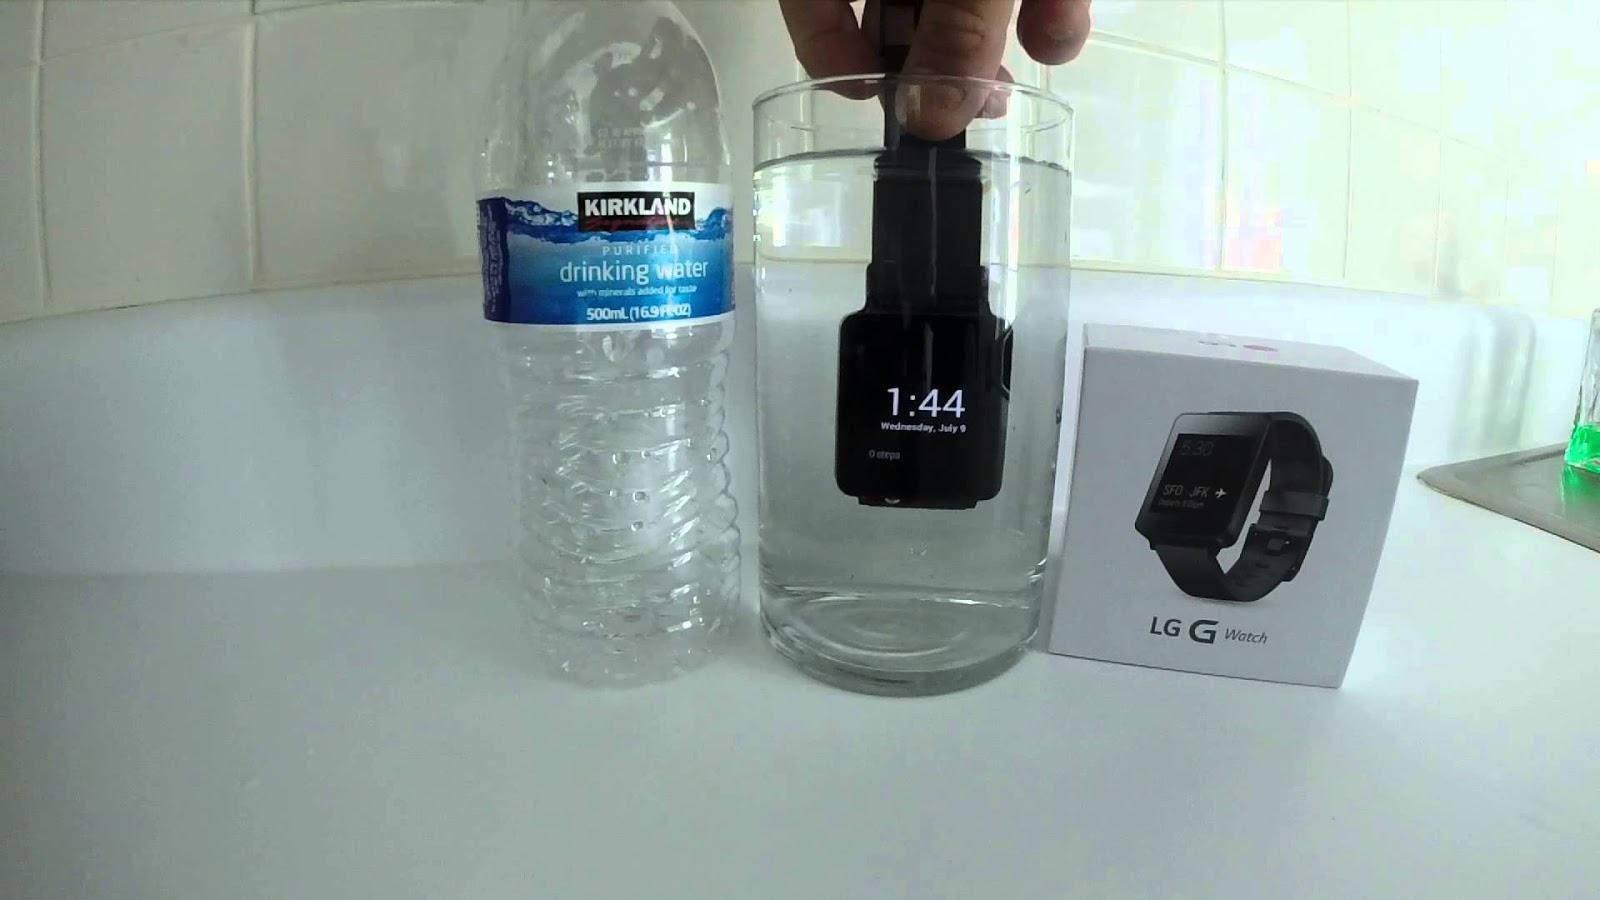 barang yang kedap air